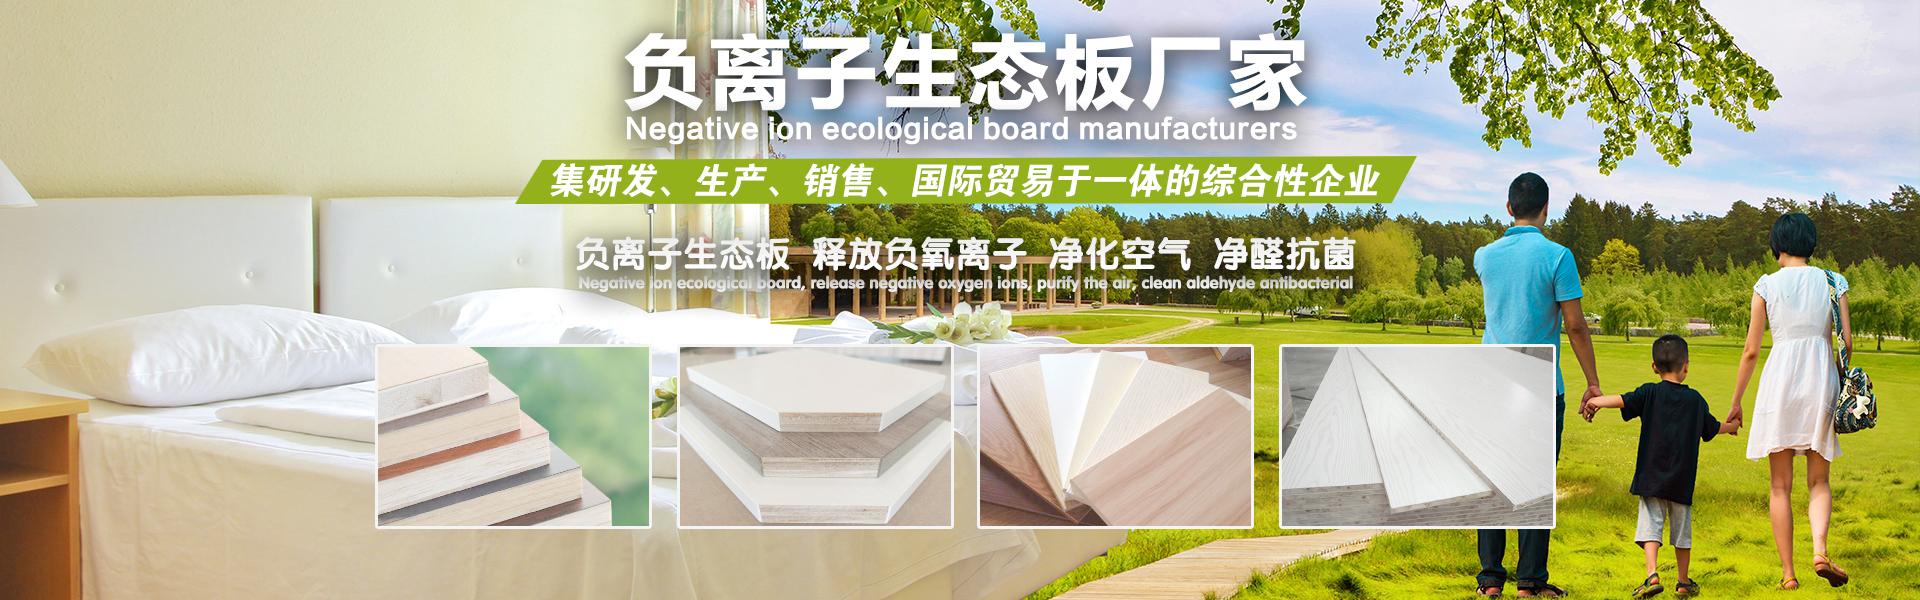 负离子生态板十大品牌